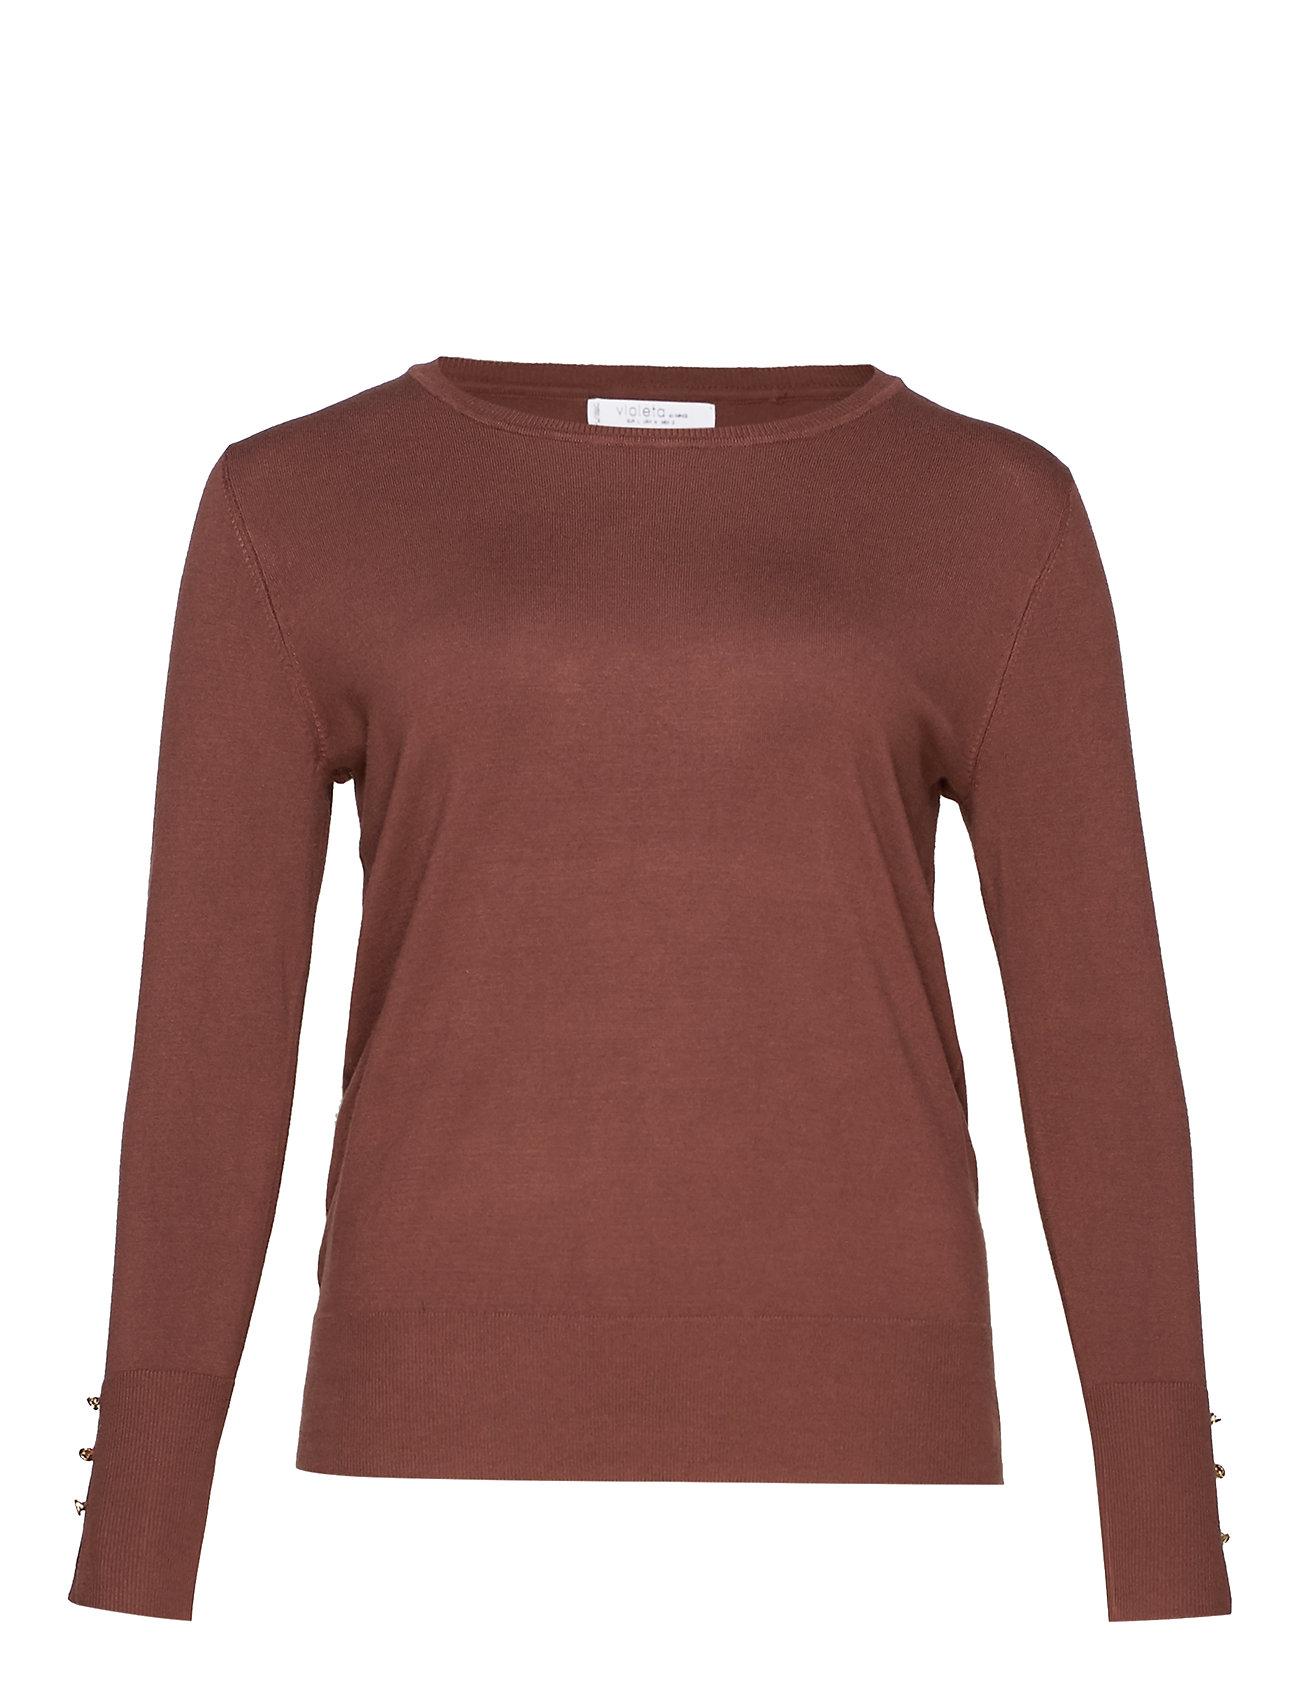 Violeta by Mango Buttoned cuffs sweater - DARK BROWN